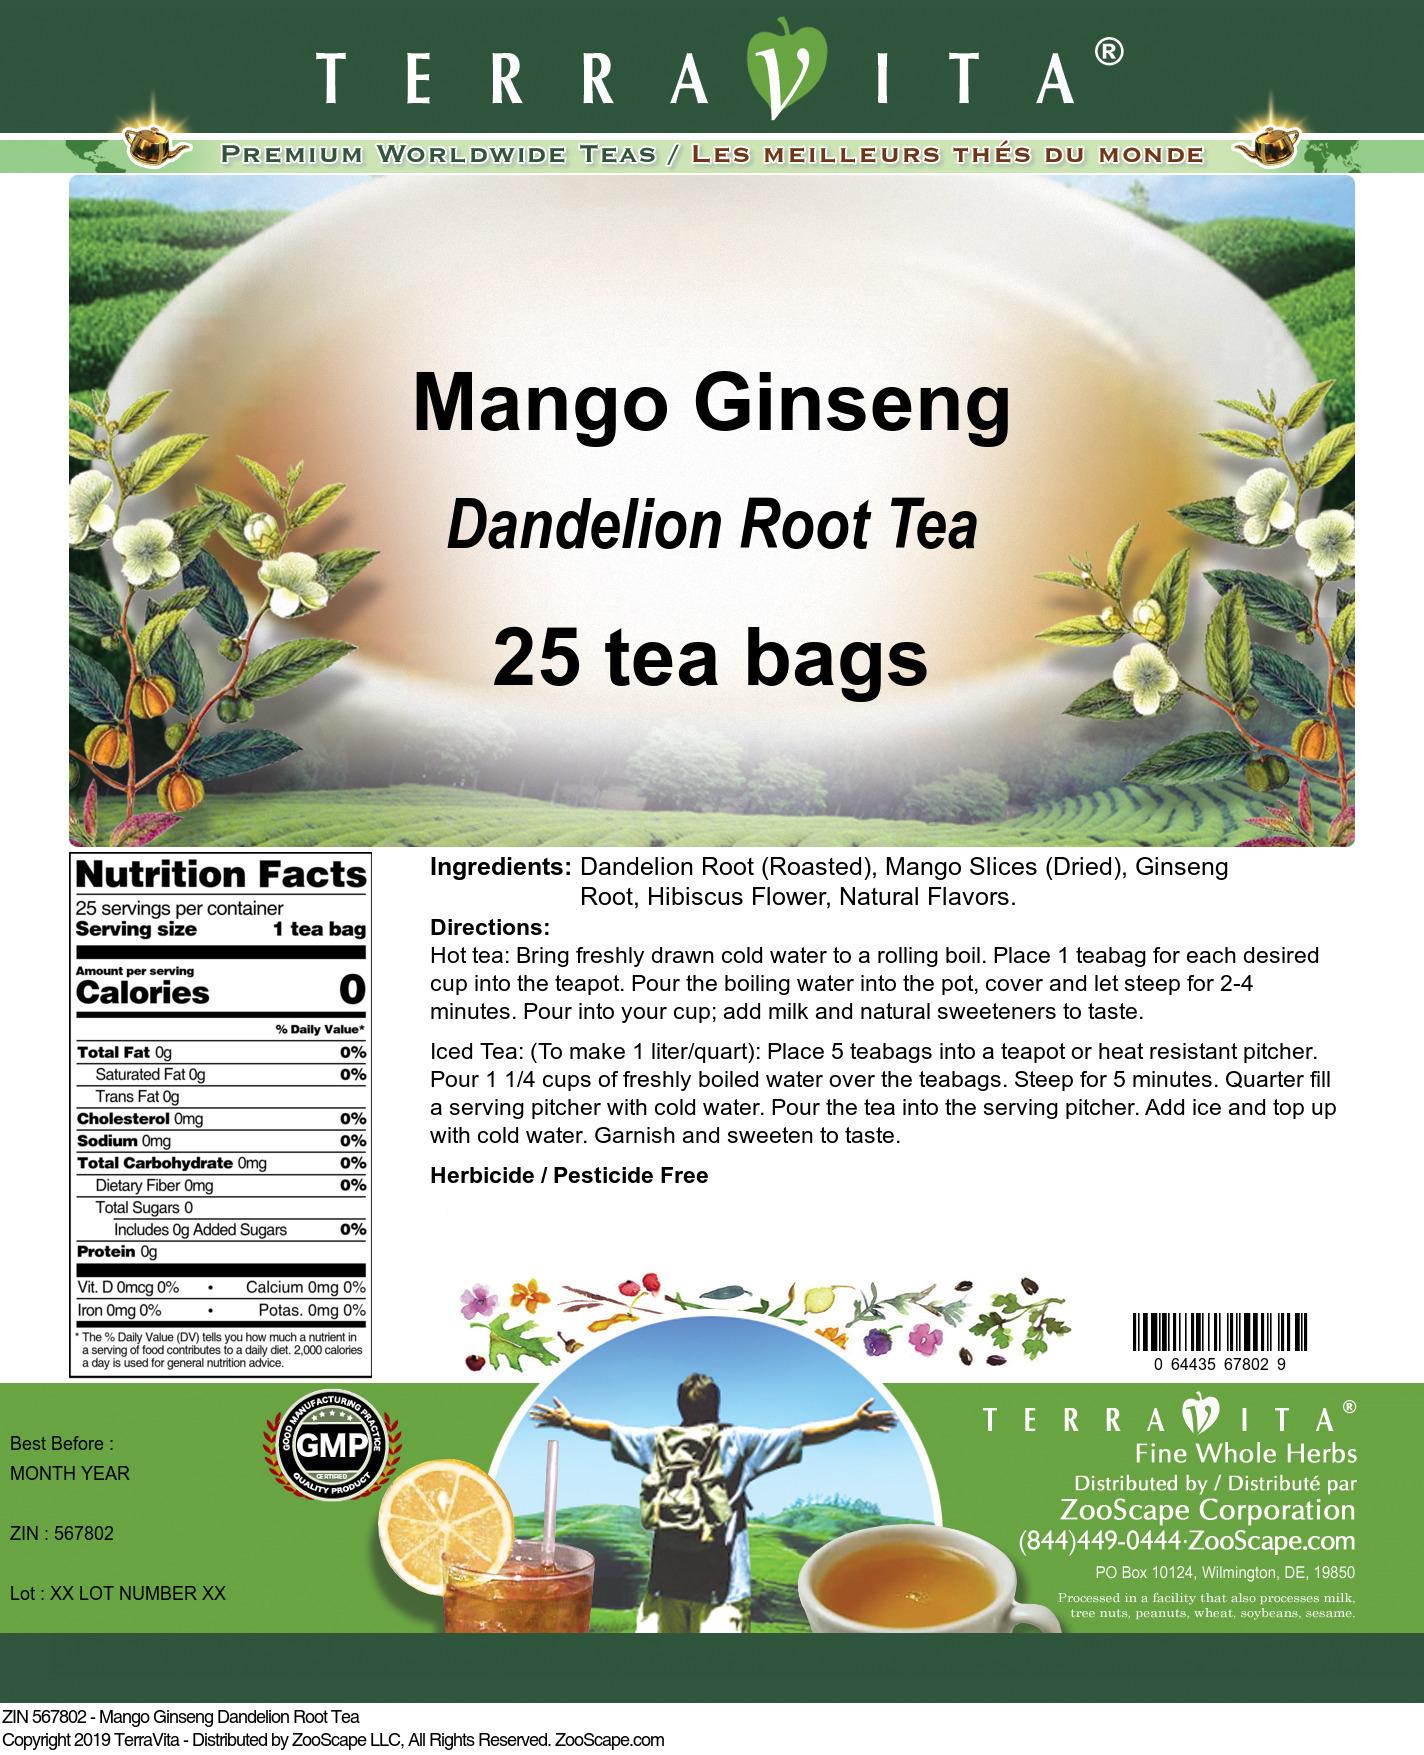 Mango Ginseng Dandelion Root